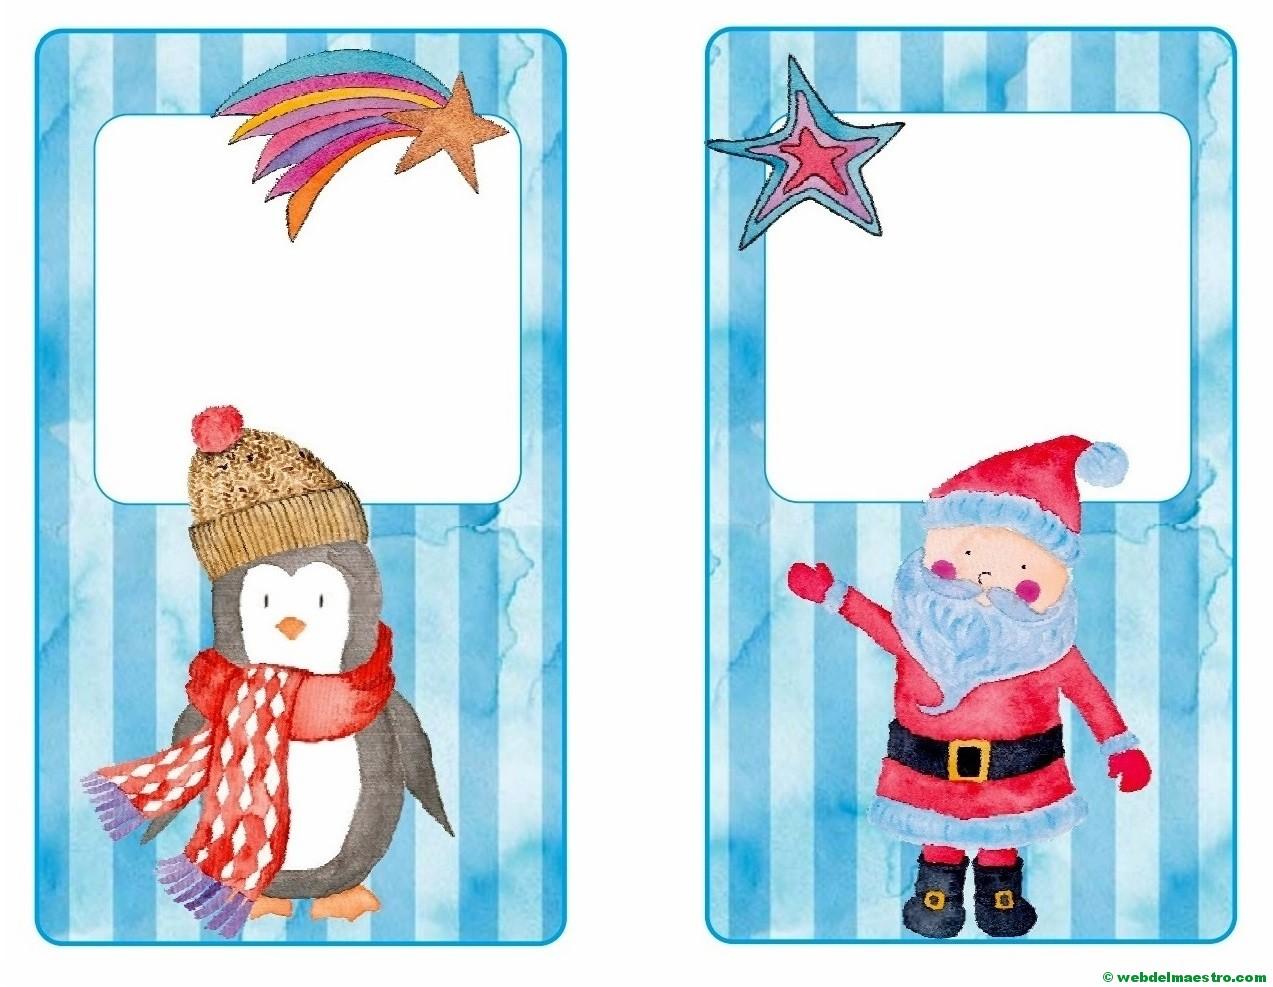 Felicitaciones navide as web del maestro - Felicitaciones de navidad originales para ninos ...